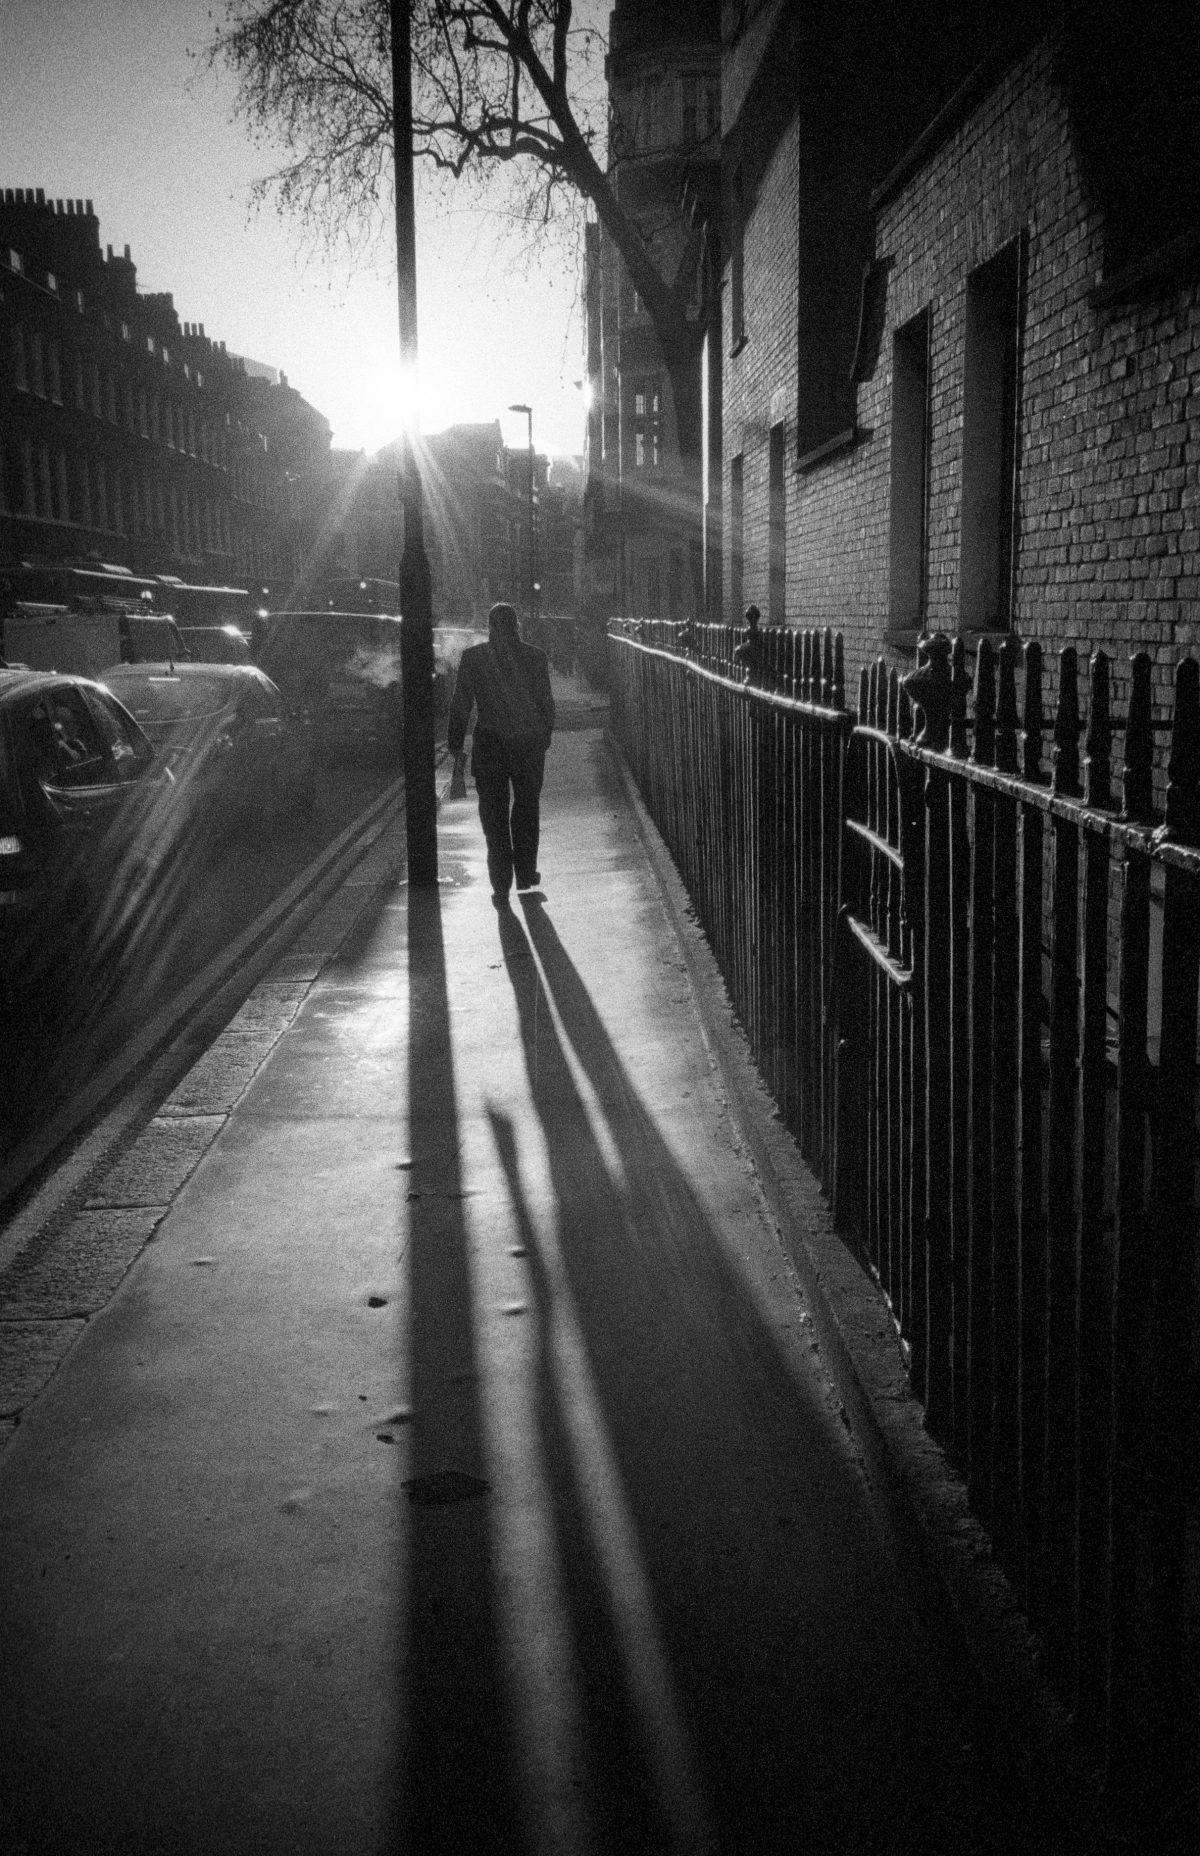 Walk to work, male, sun, bw